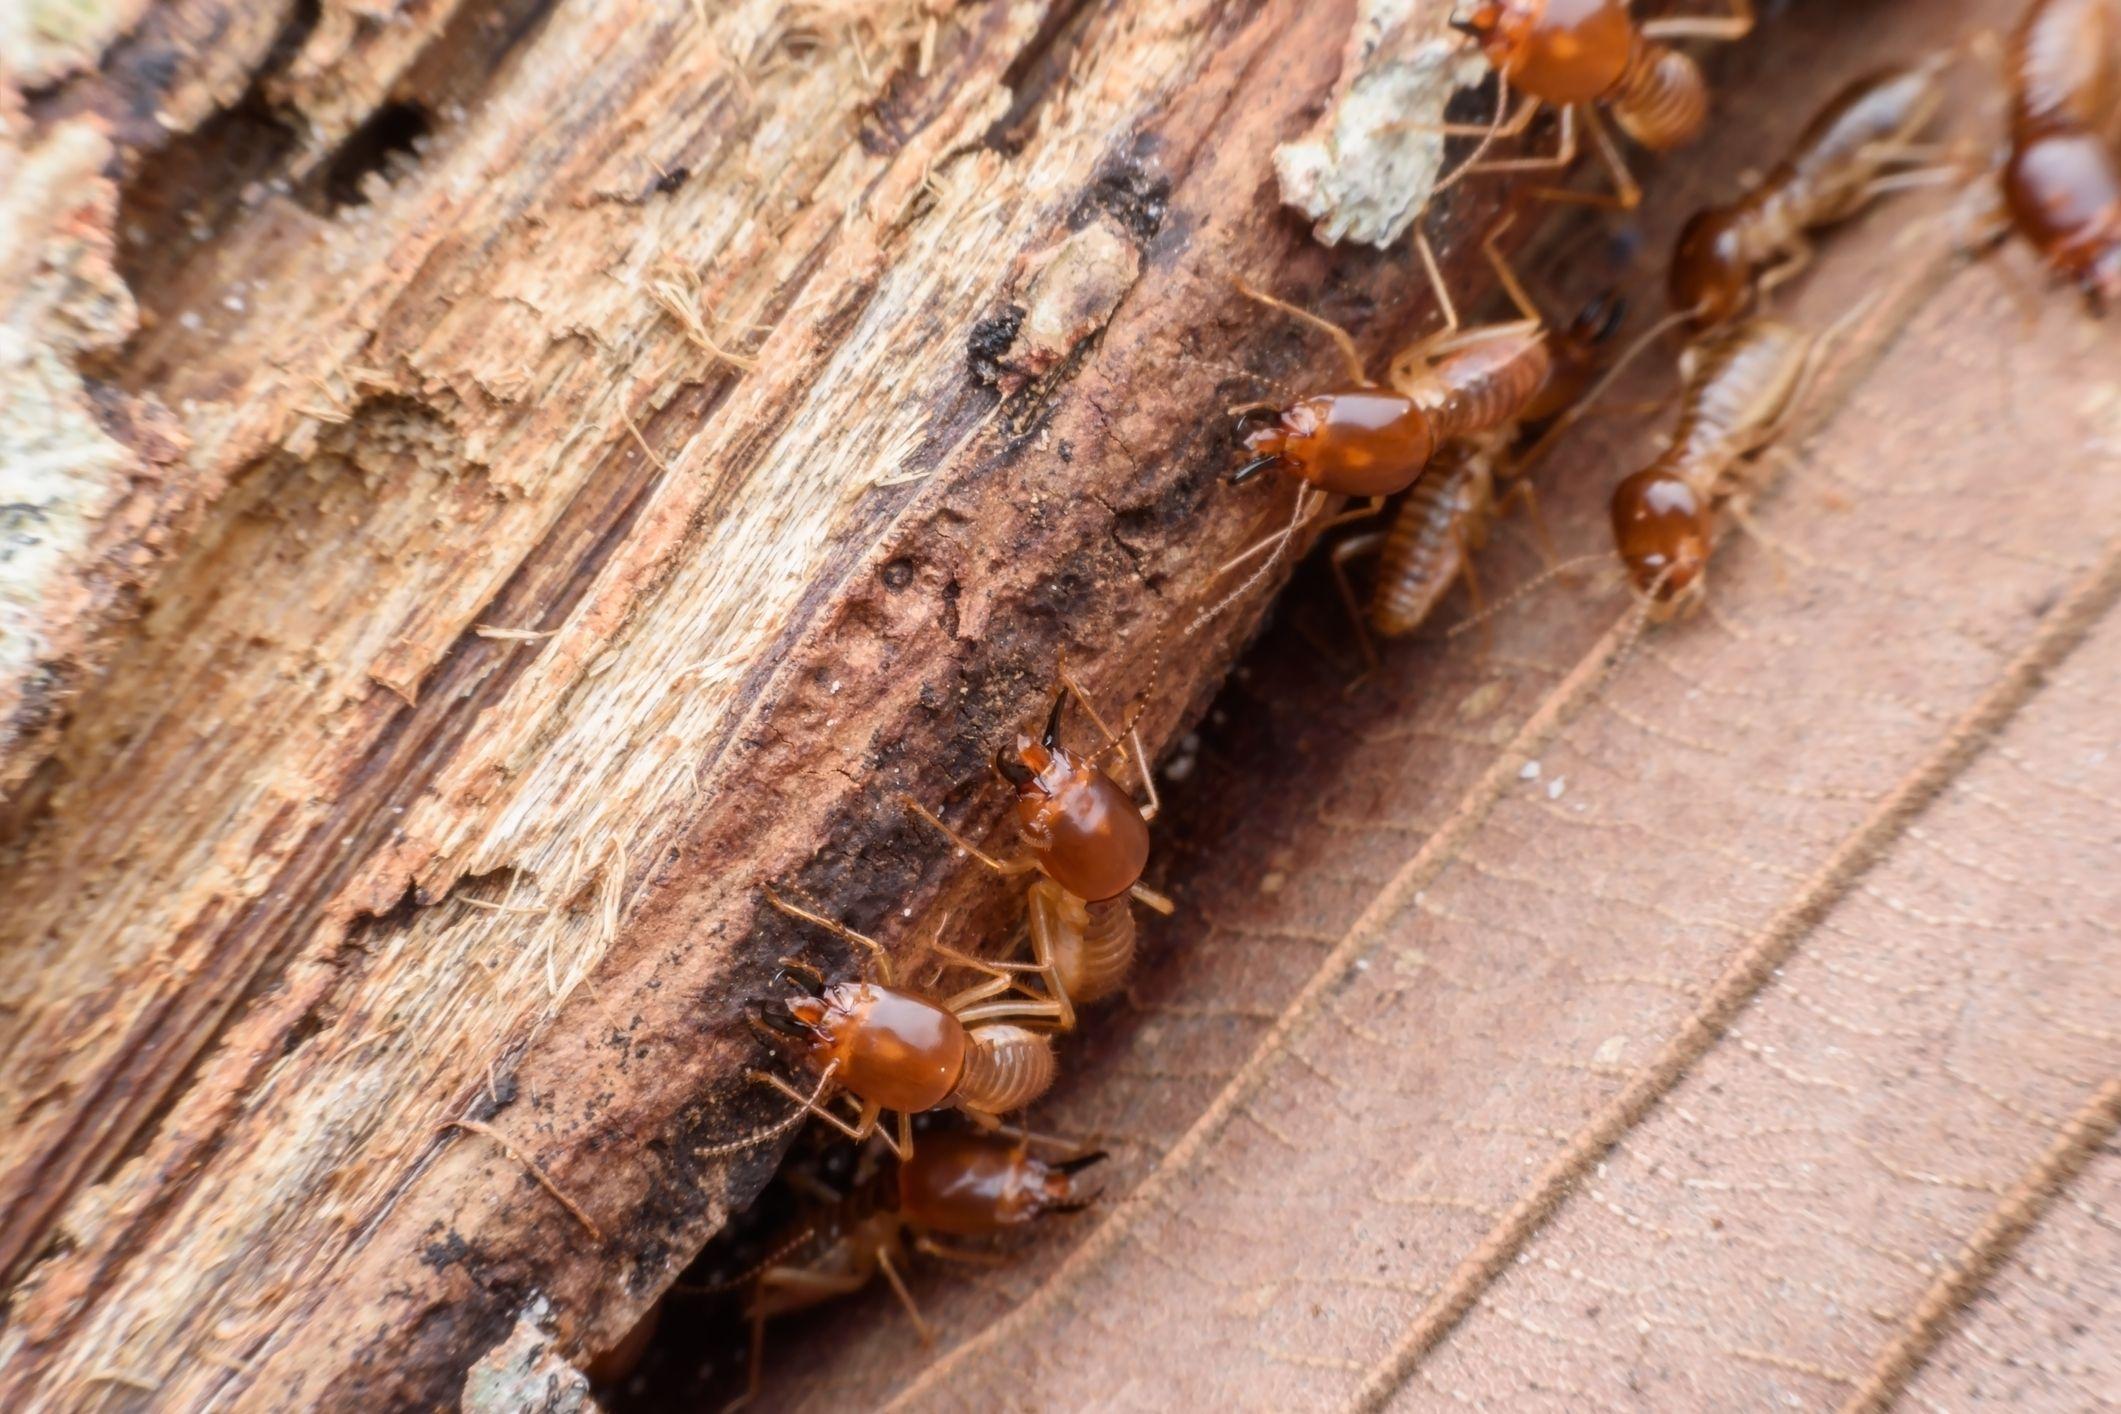 Como Acabar Con Las Termitas Warmer Temperatures Bring Out Termites In 2020 Termite Control